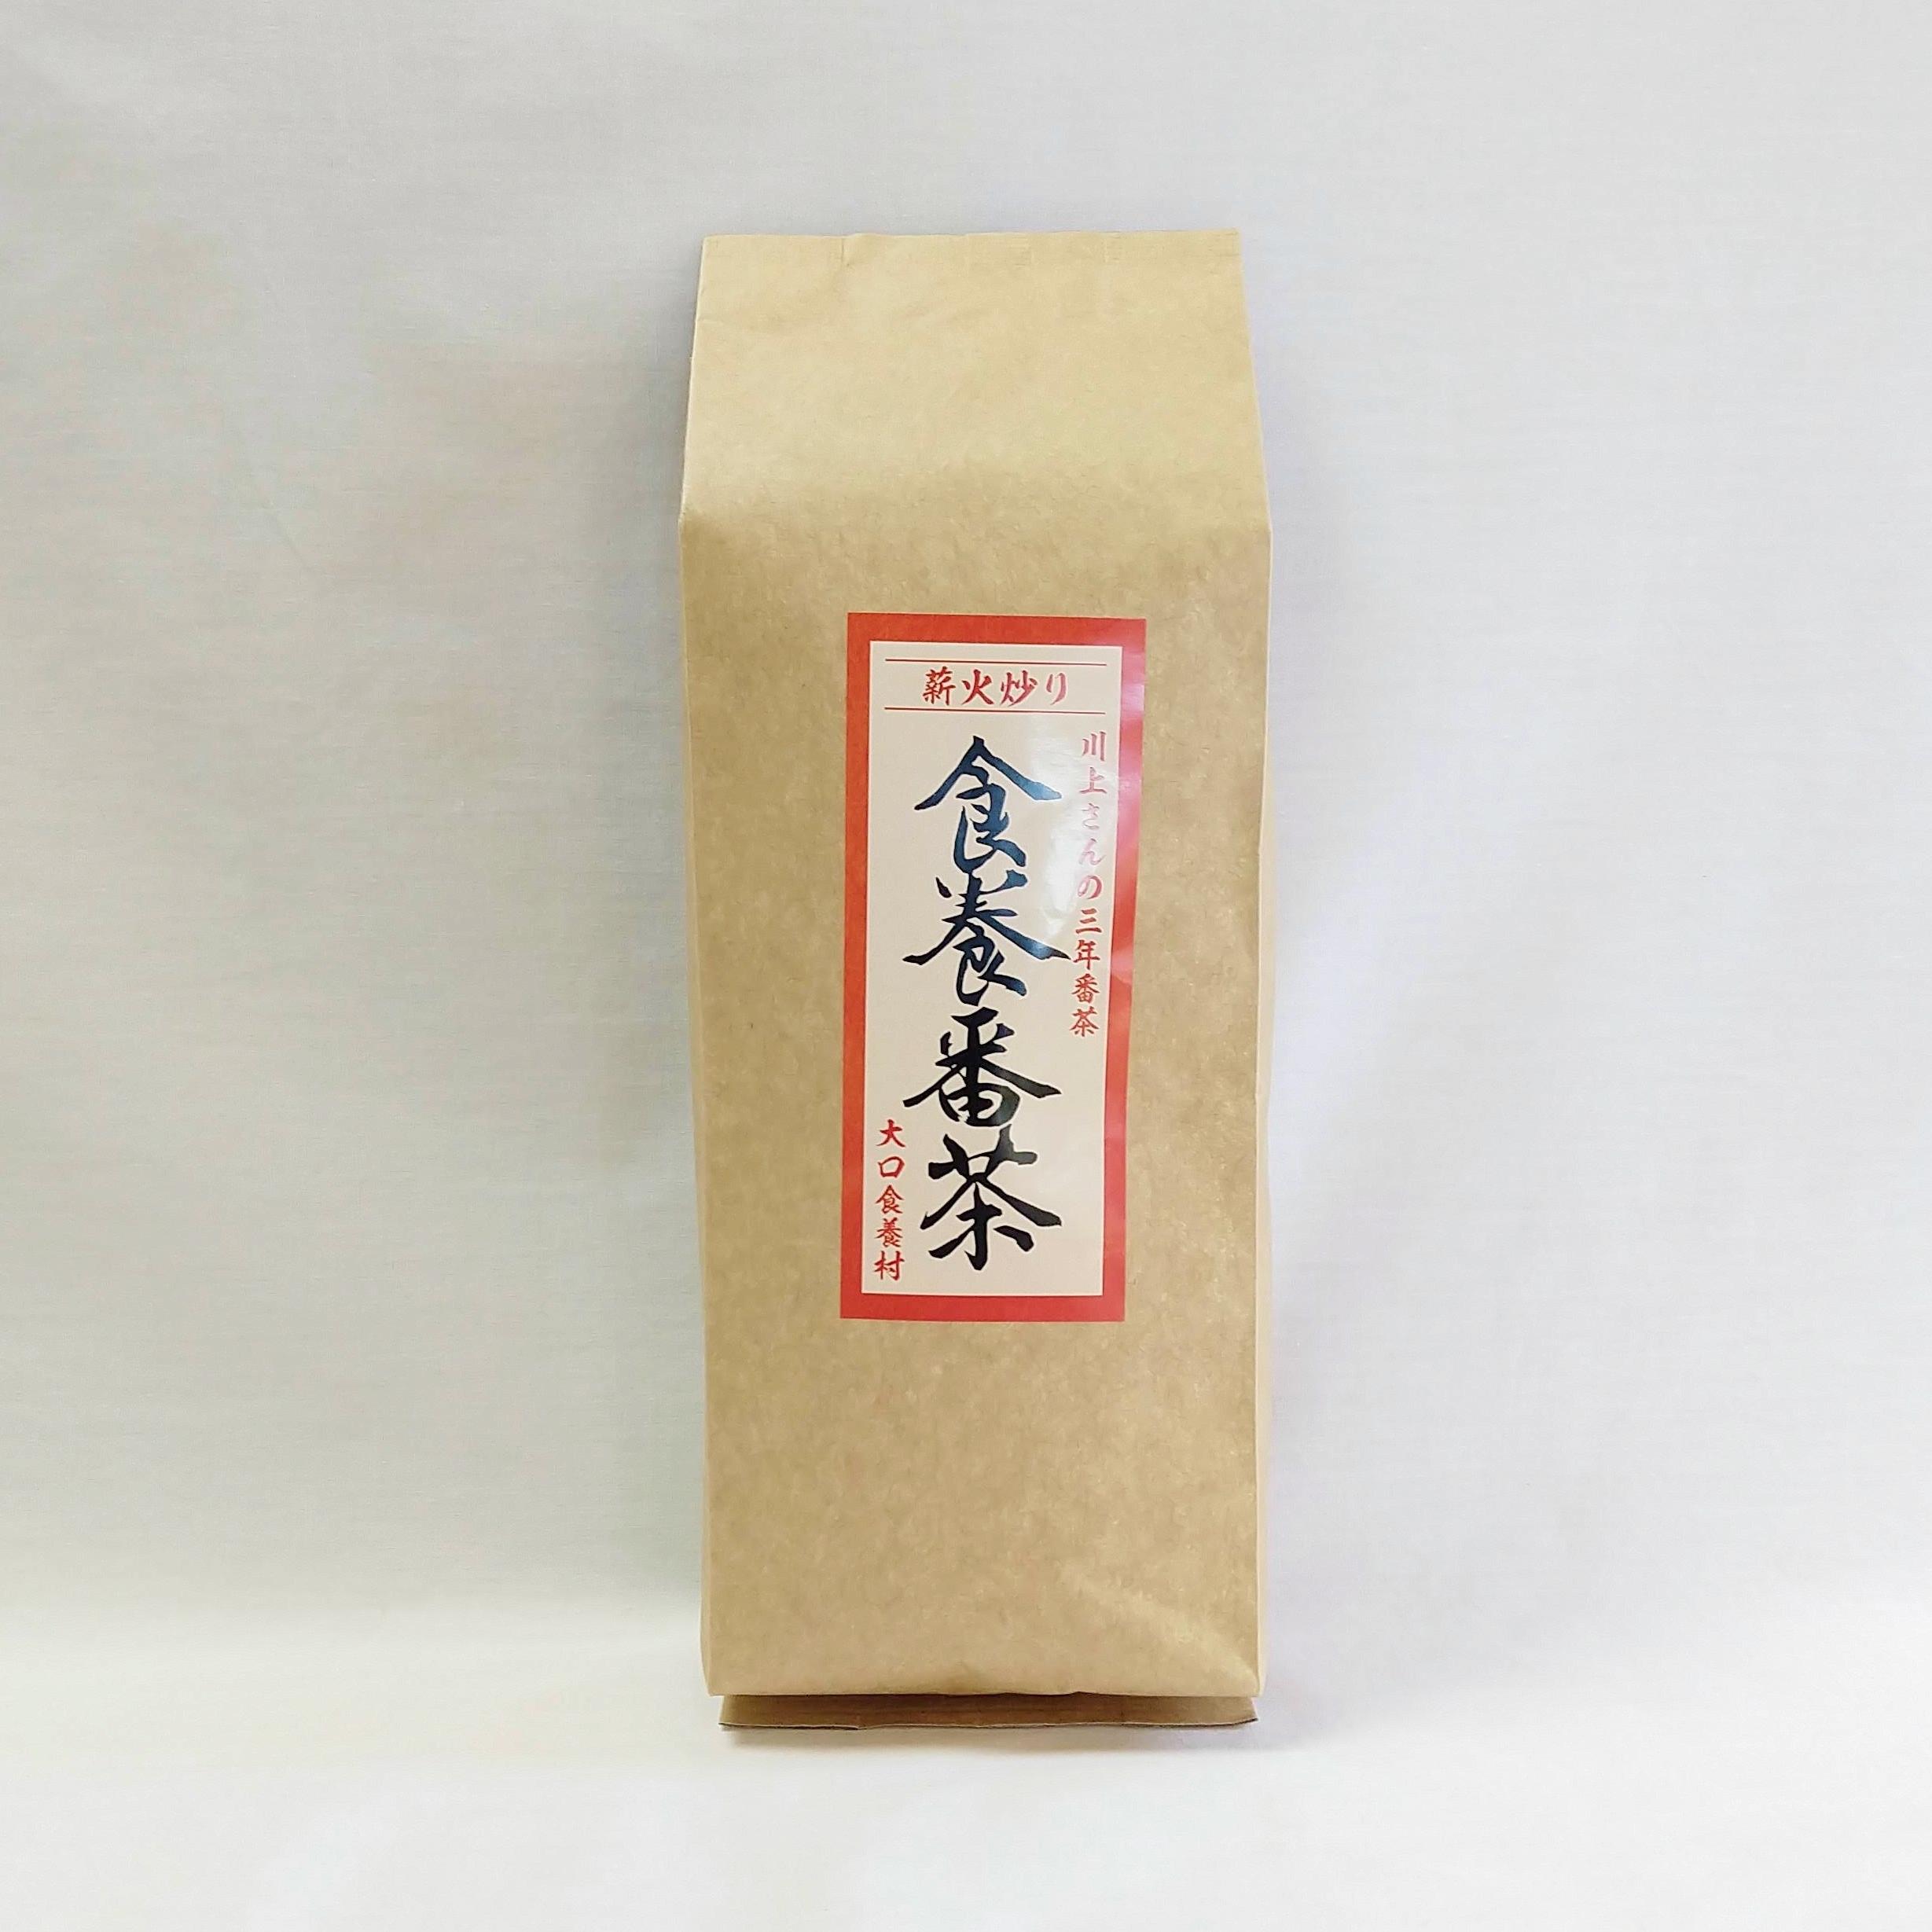 食養番茶230g【送料込み】